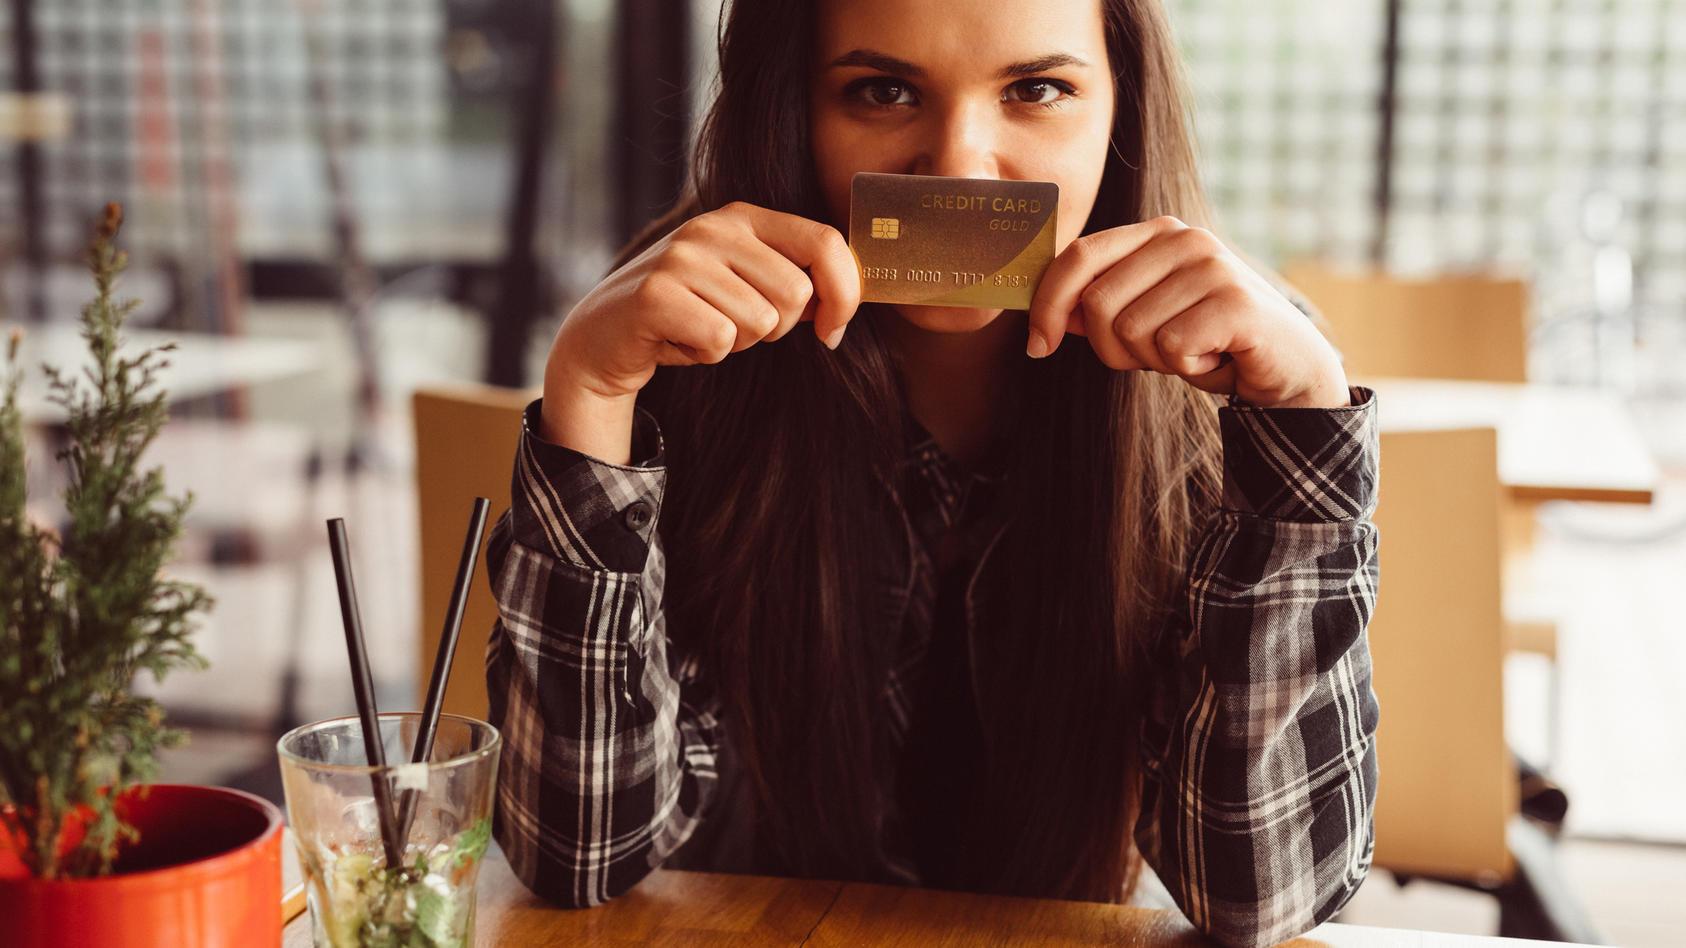 Pro Woche nehmen wir so viel Plastik zu uns, wie eine Kreditkarte wiegt.